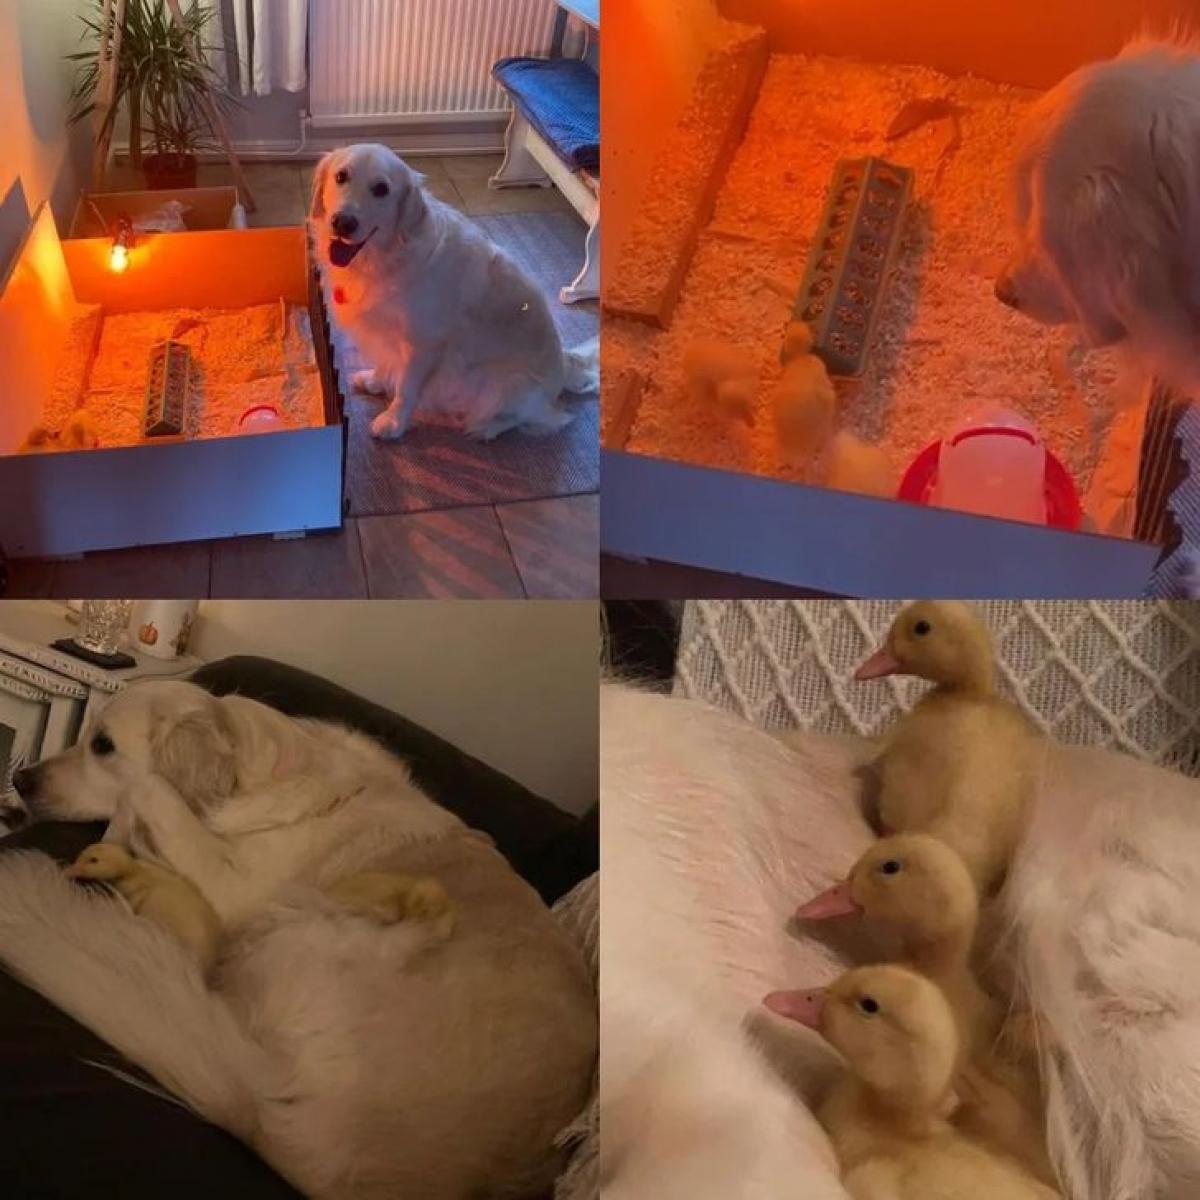 Chú chó canh đàn vịt con từ khi còn trong trứng, nó chăm sóc đàn vịt rất cẩn thận.